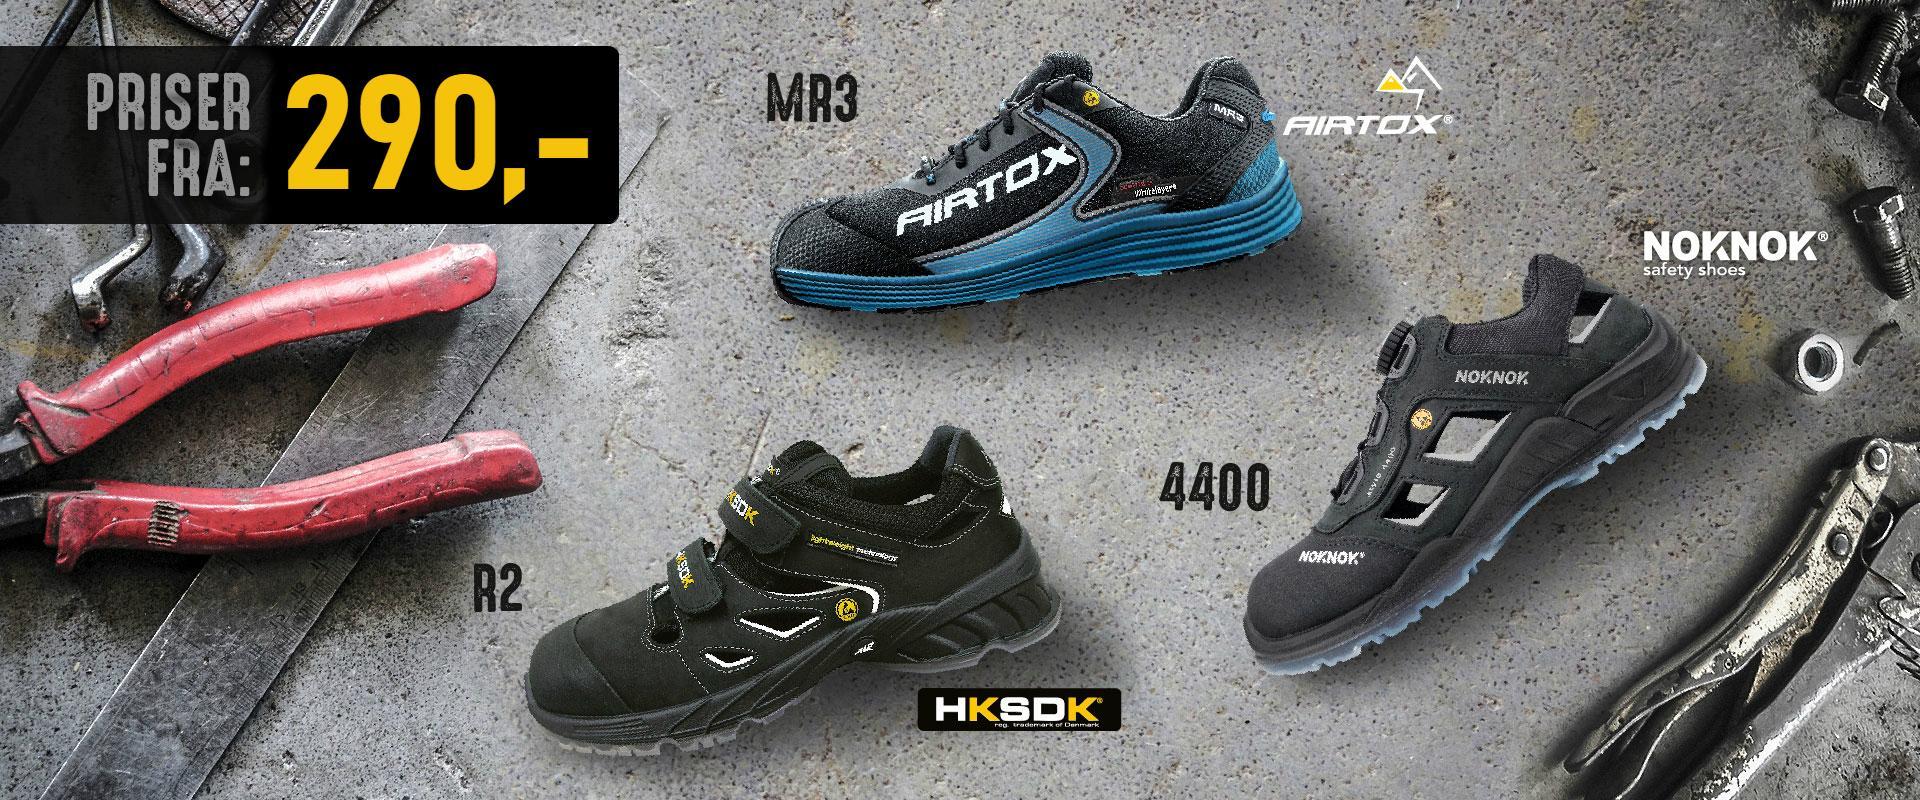 KAMPAGNE | Airtox - HKSDK - Noknok - Brynje - Cofra